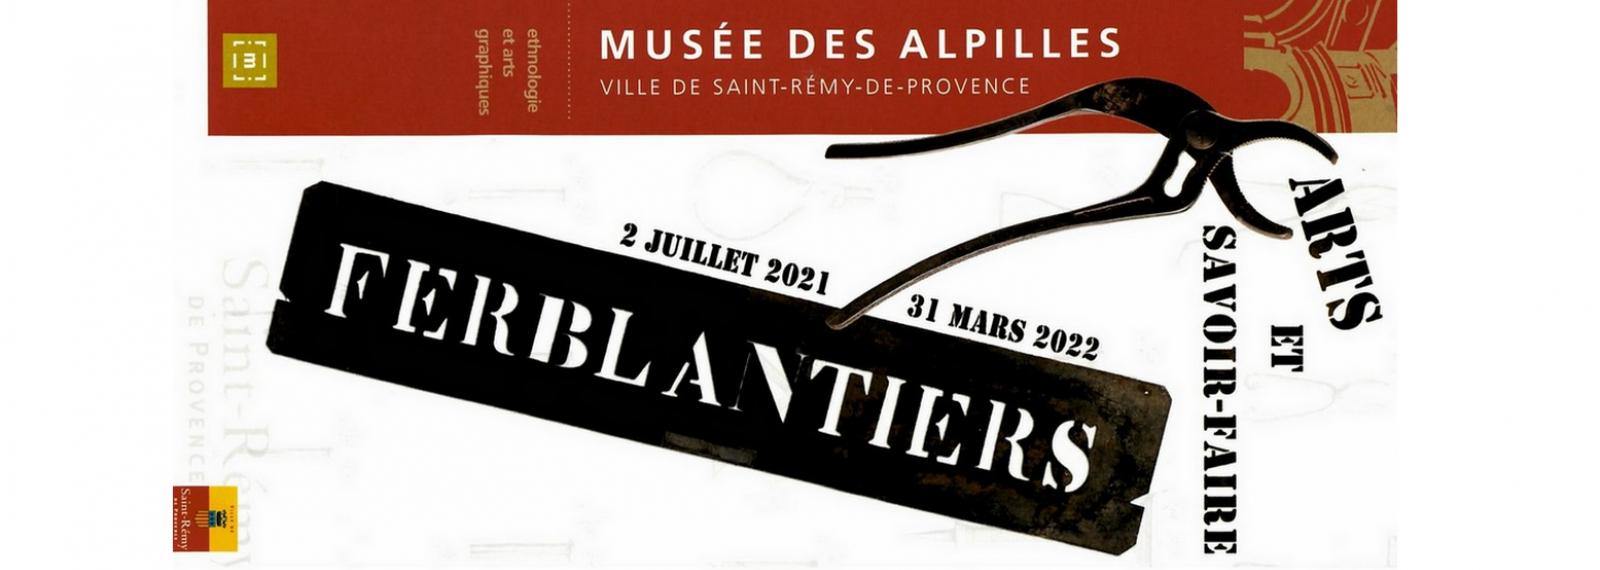 Exposition Ferblantiers au Musée des Alpilles